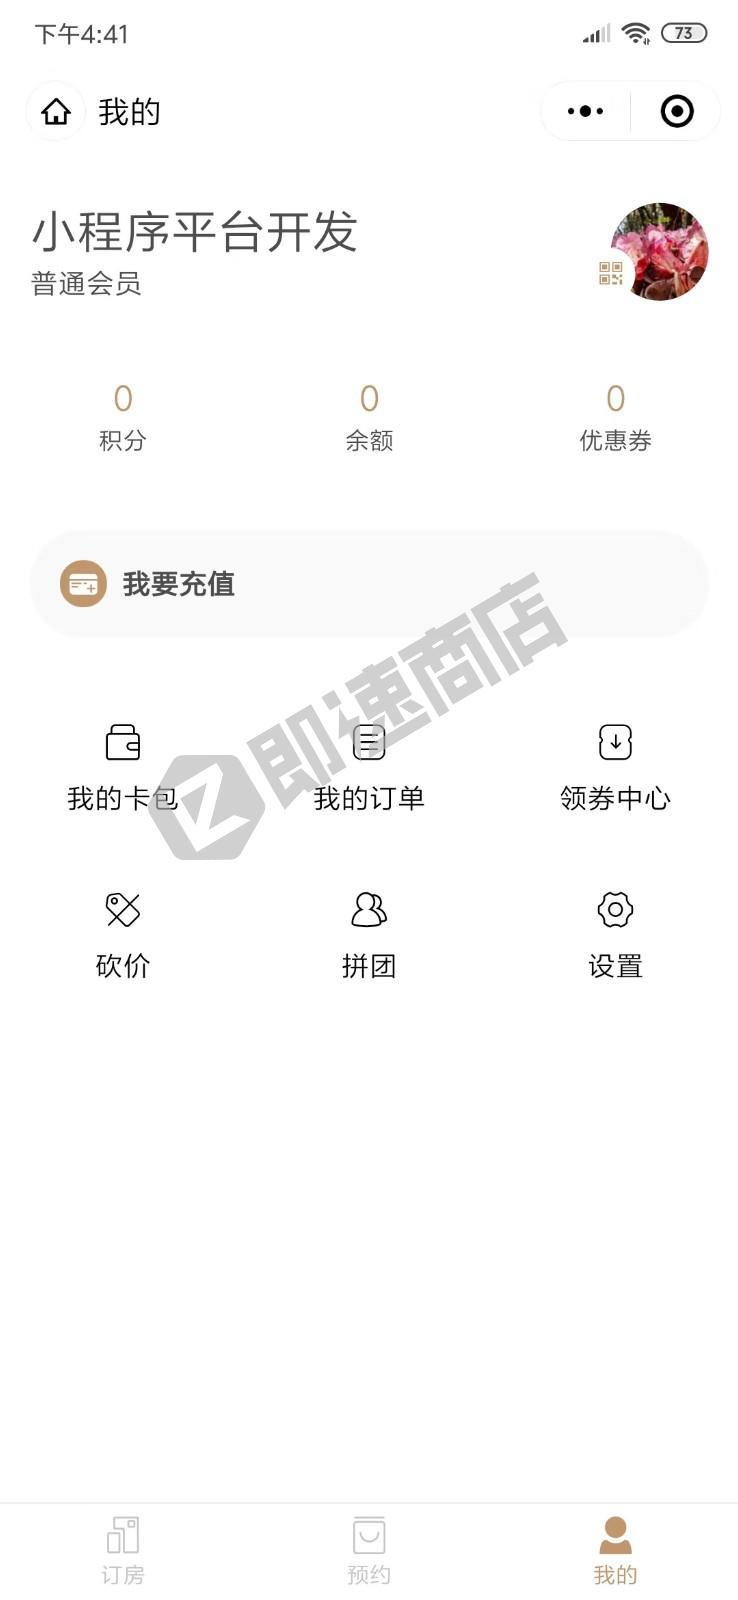 云南丽水云泉大酒店小程序详情页截图1